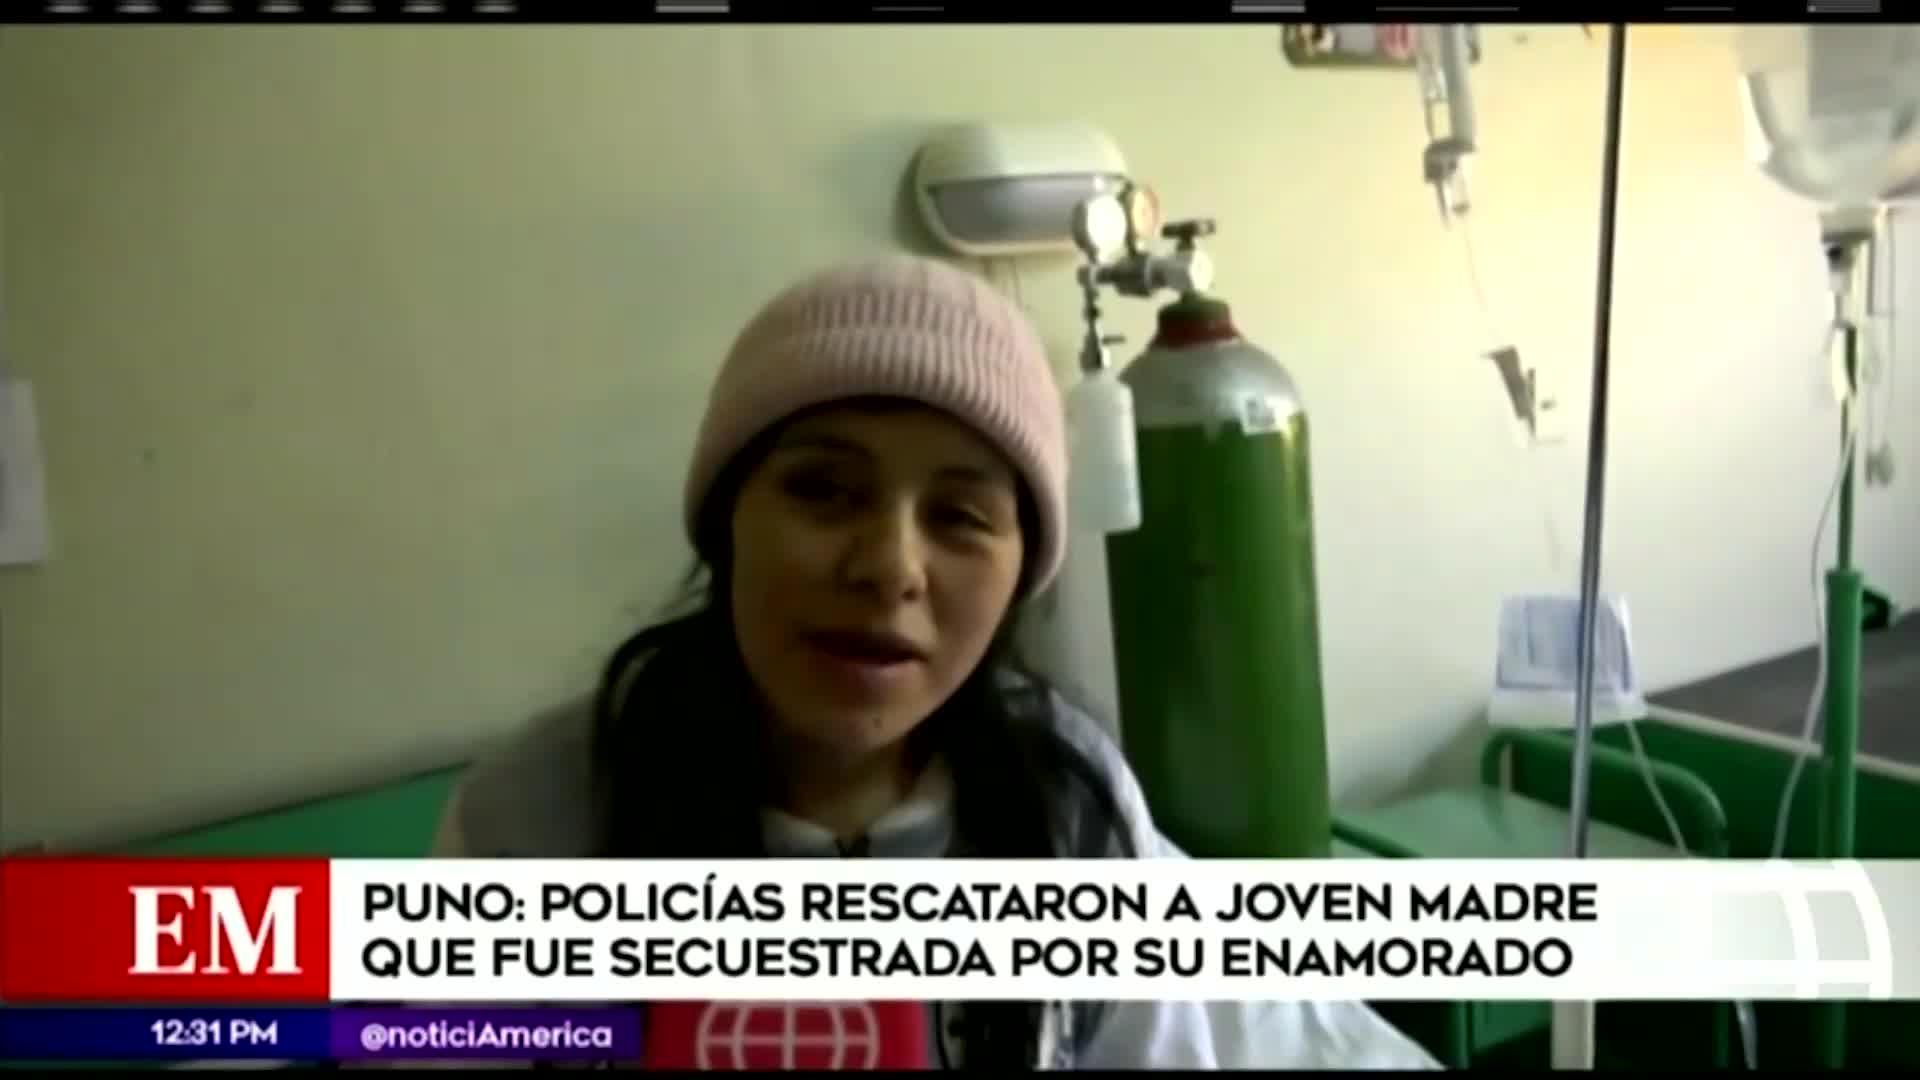 Policía rescata a joven secuestrada por su enamorado en Puno